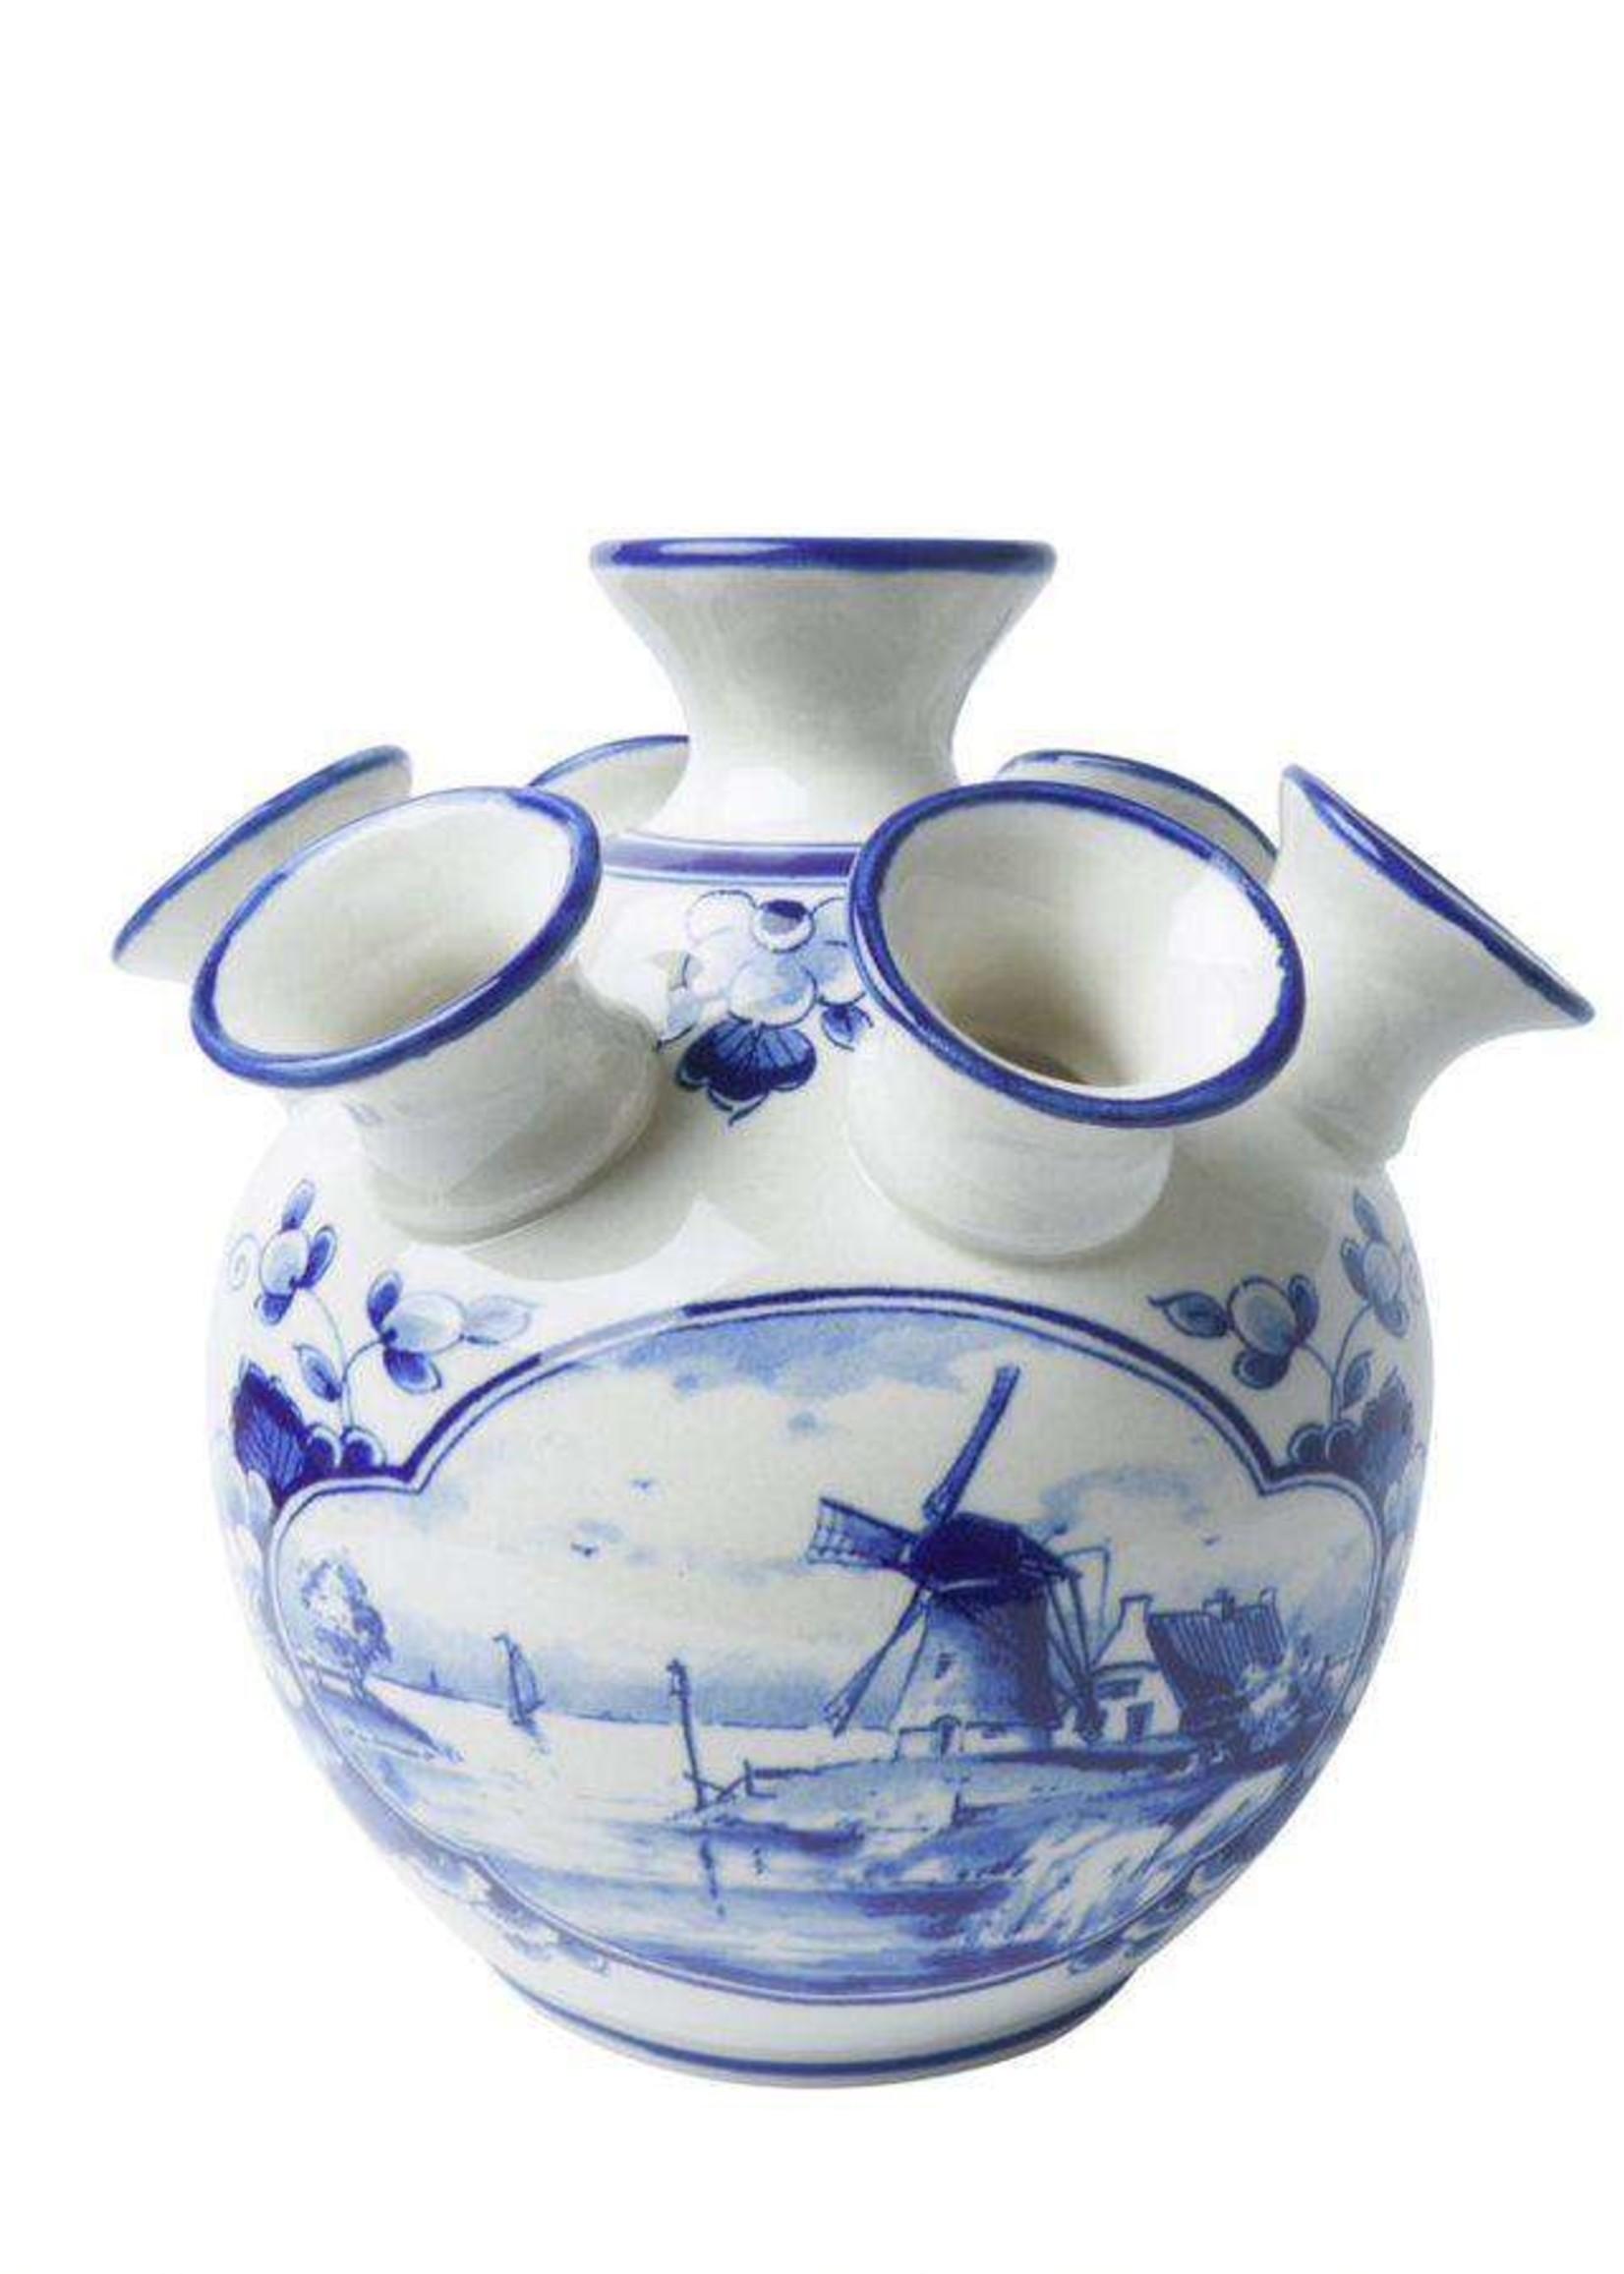 Heinen Delfts Blauw Delft Blue Tulip Vase, Windmill Design, Large